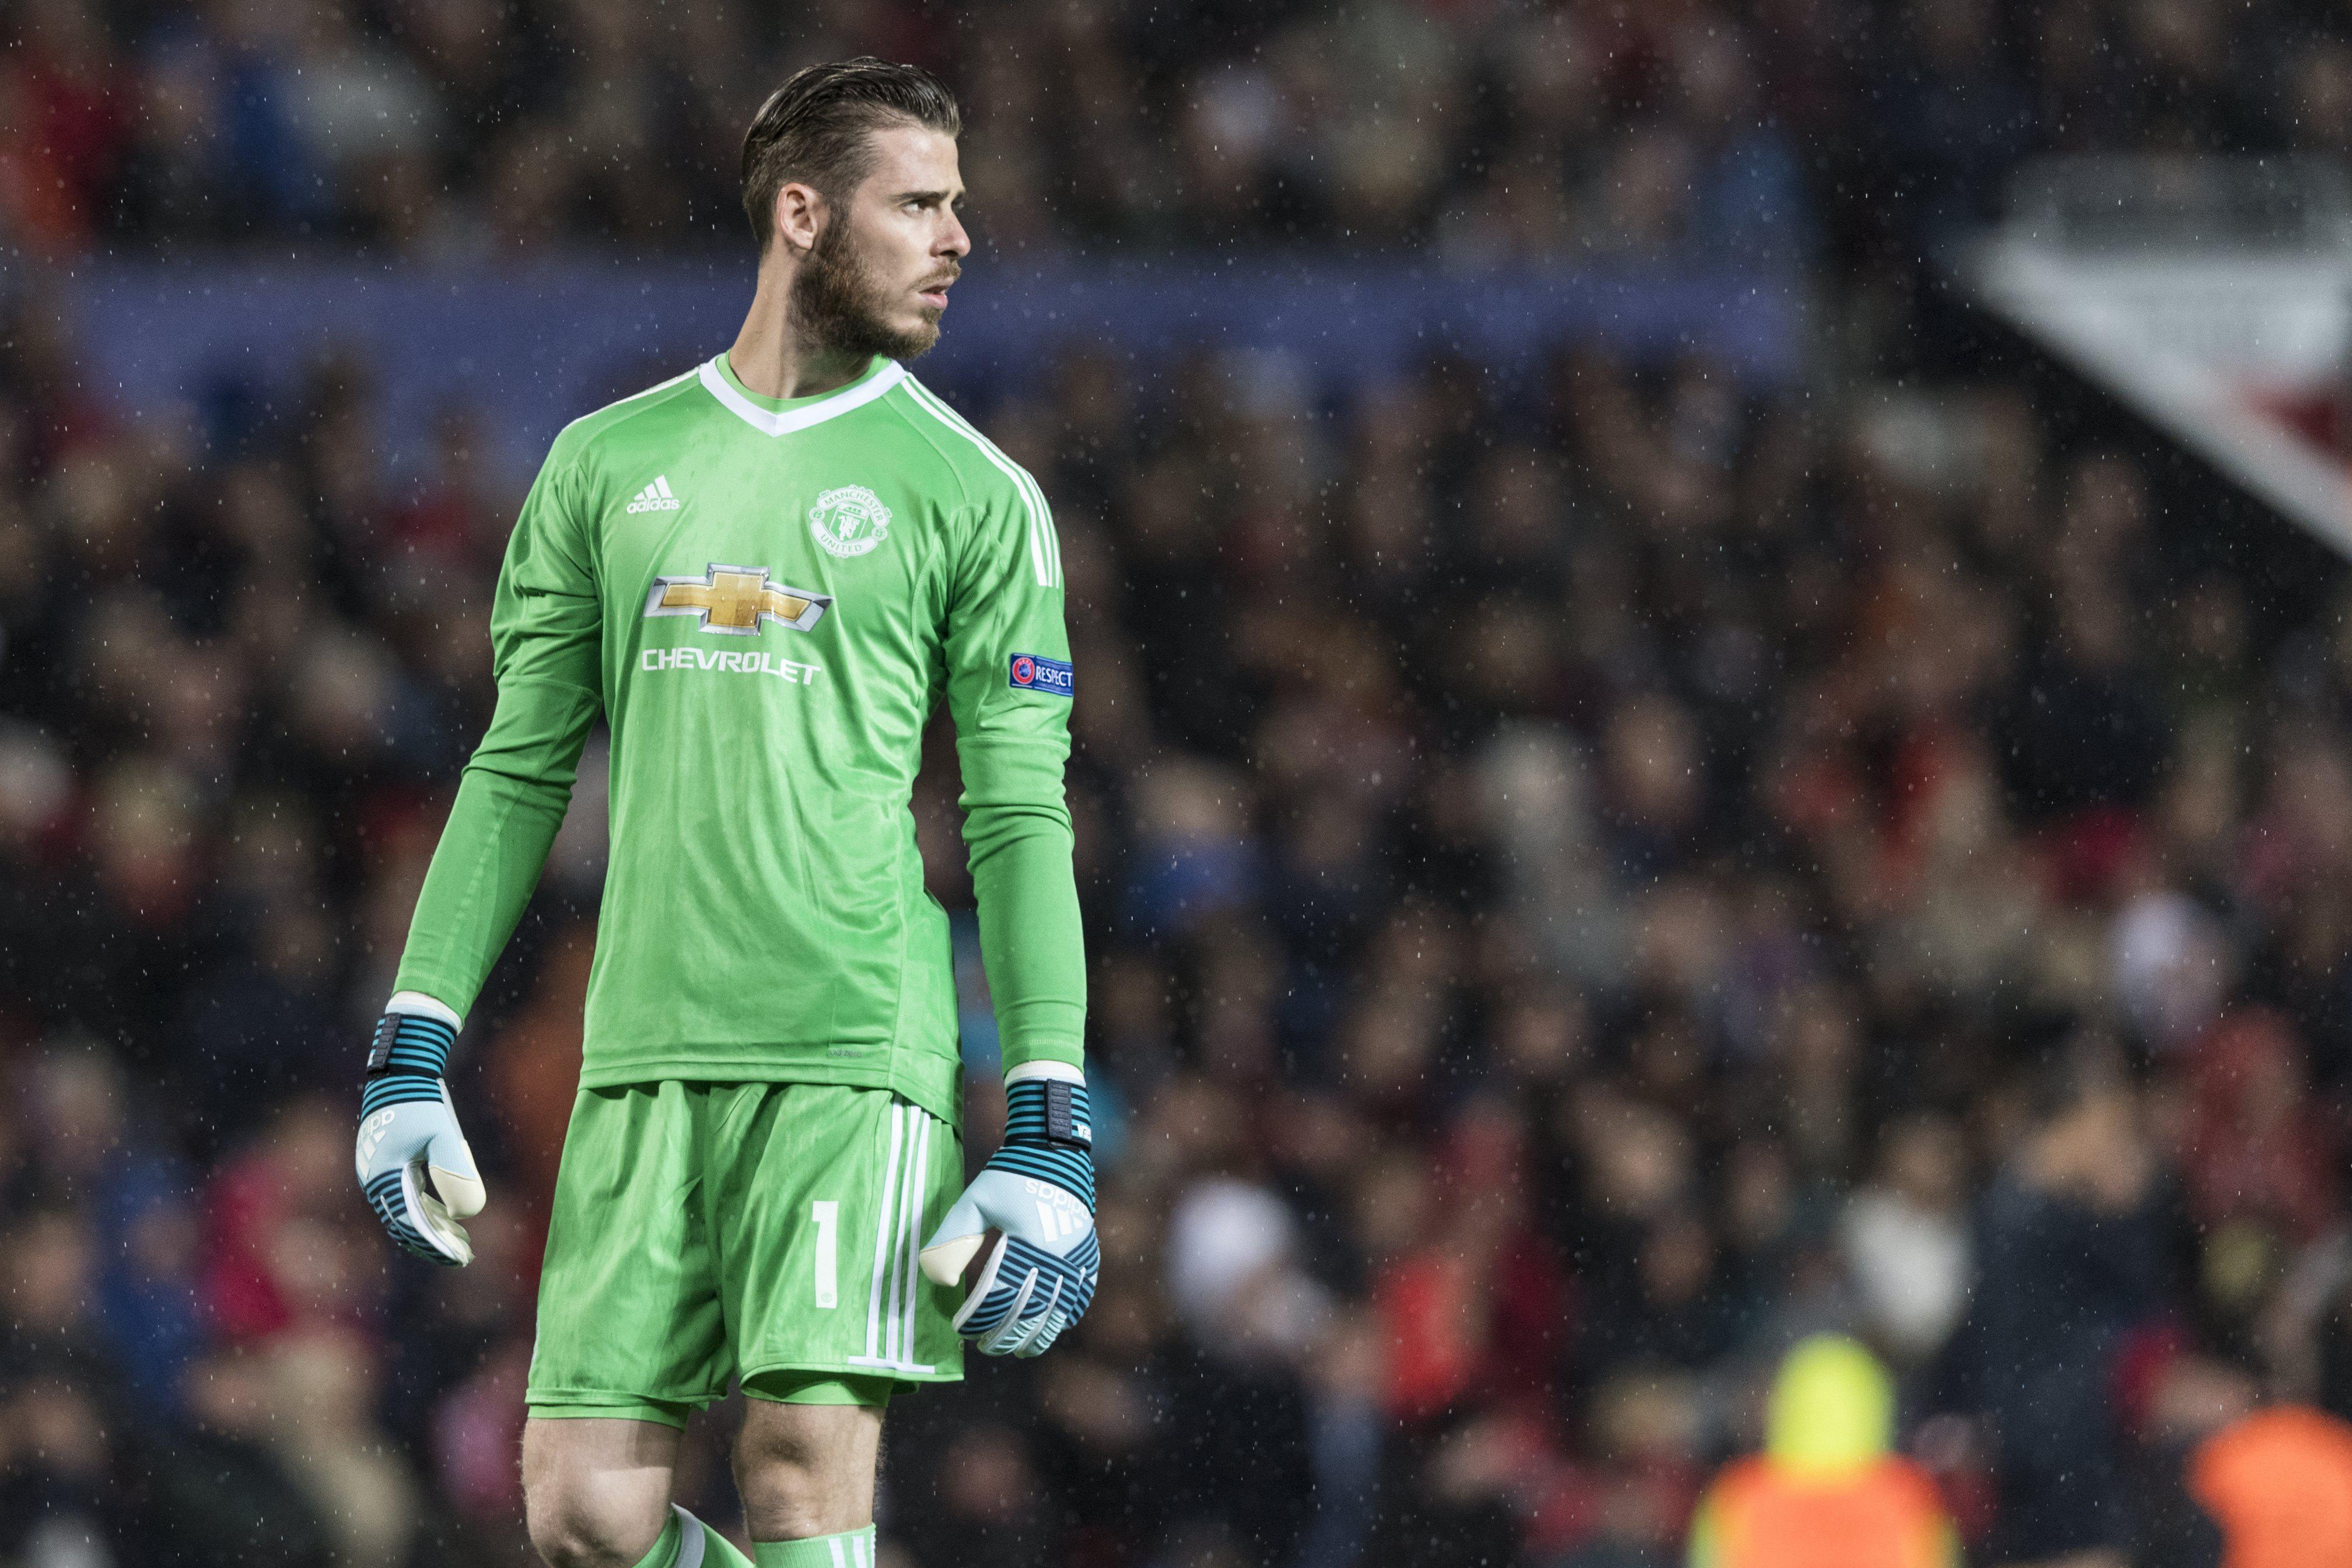 Madrid's interest in De Gea has cooled